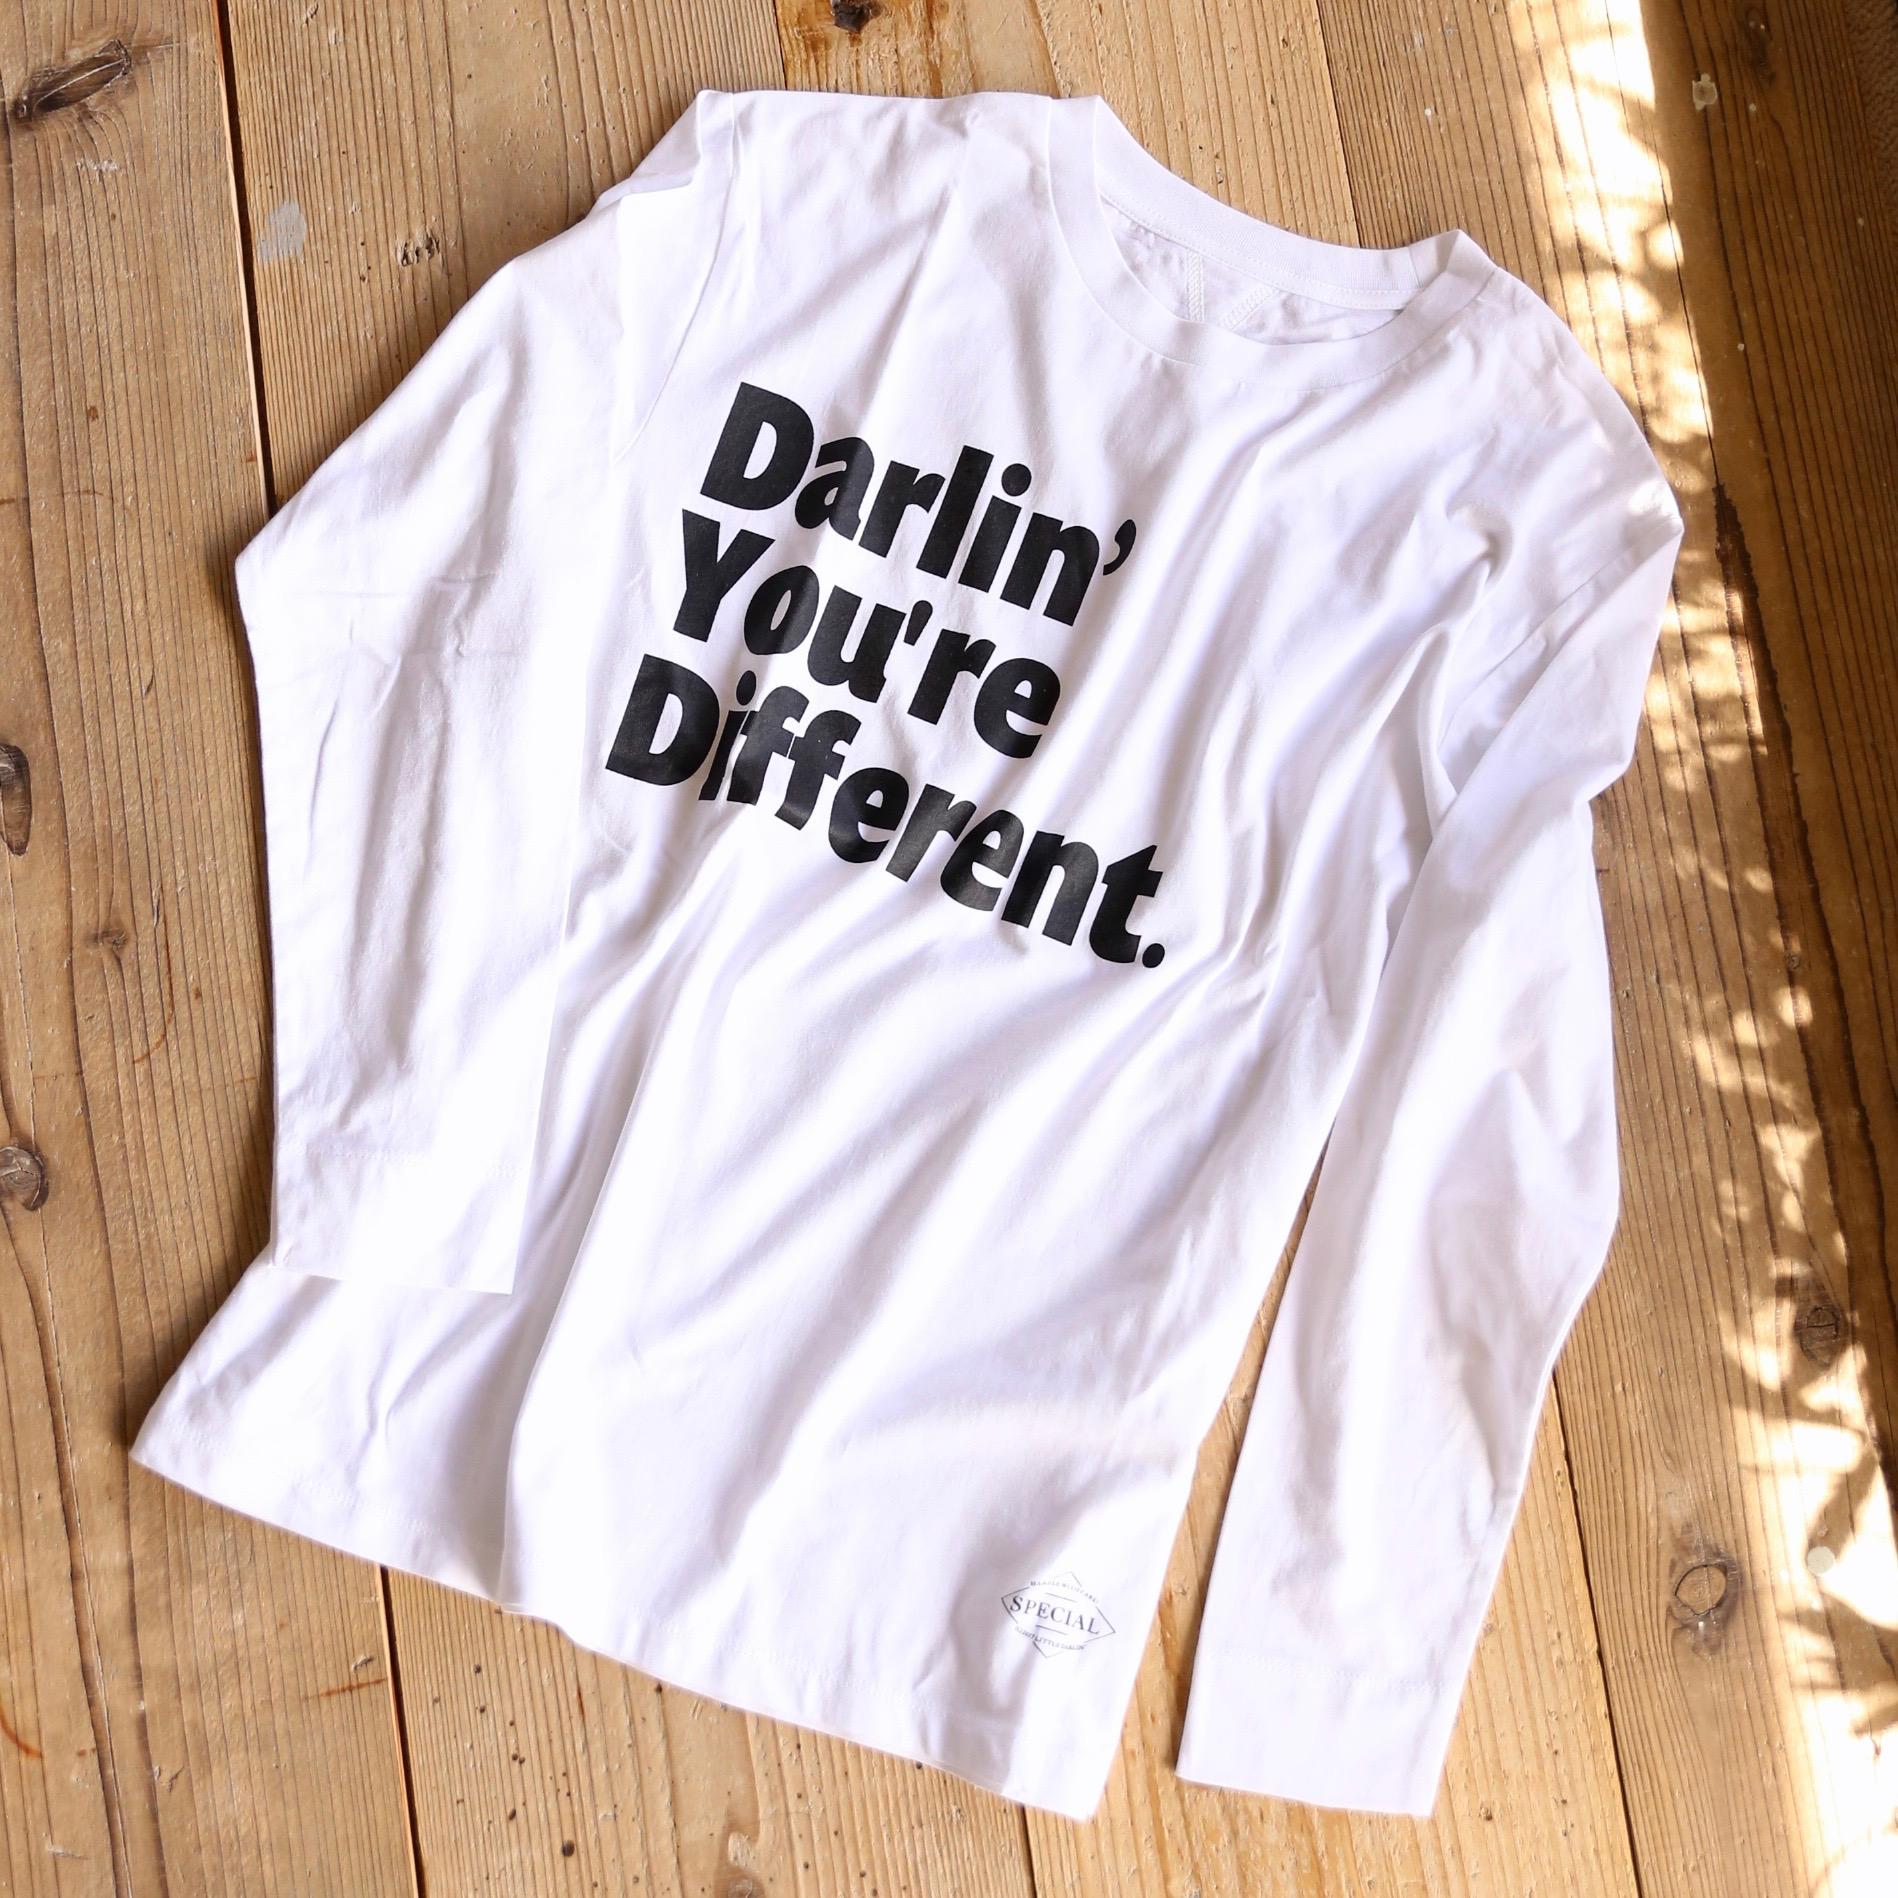 Darlin' ロングスリープTシャツ販売のお知らせ